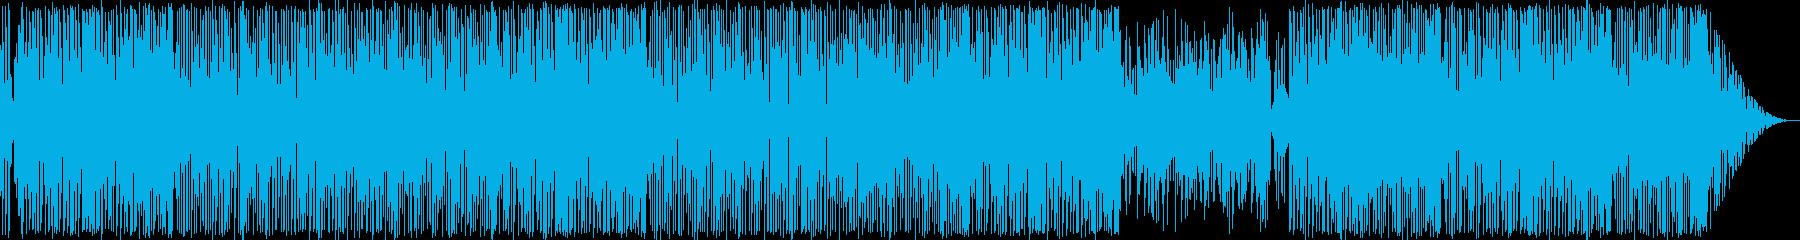 8bitレトロゲーム・ポップな和風BGMの再生済みの波形